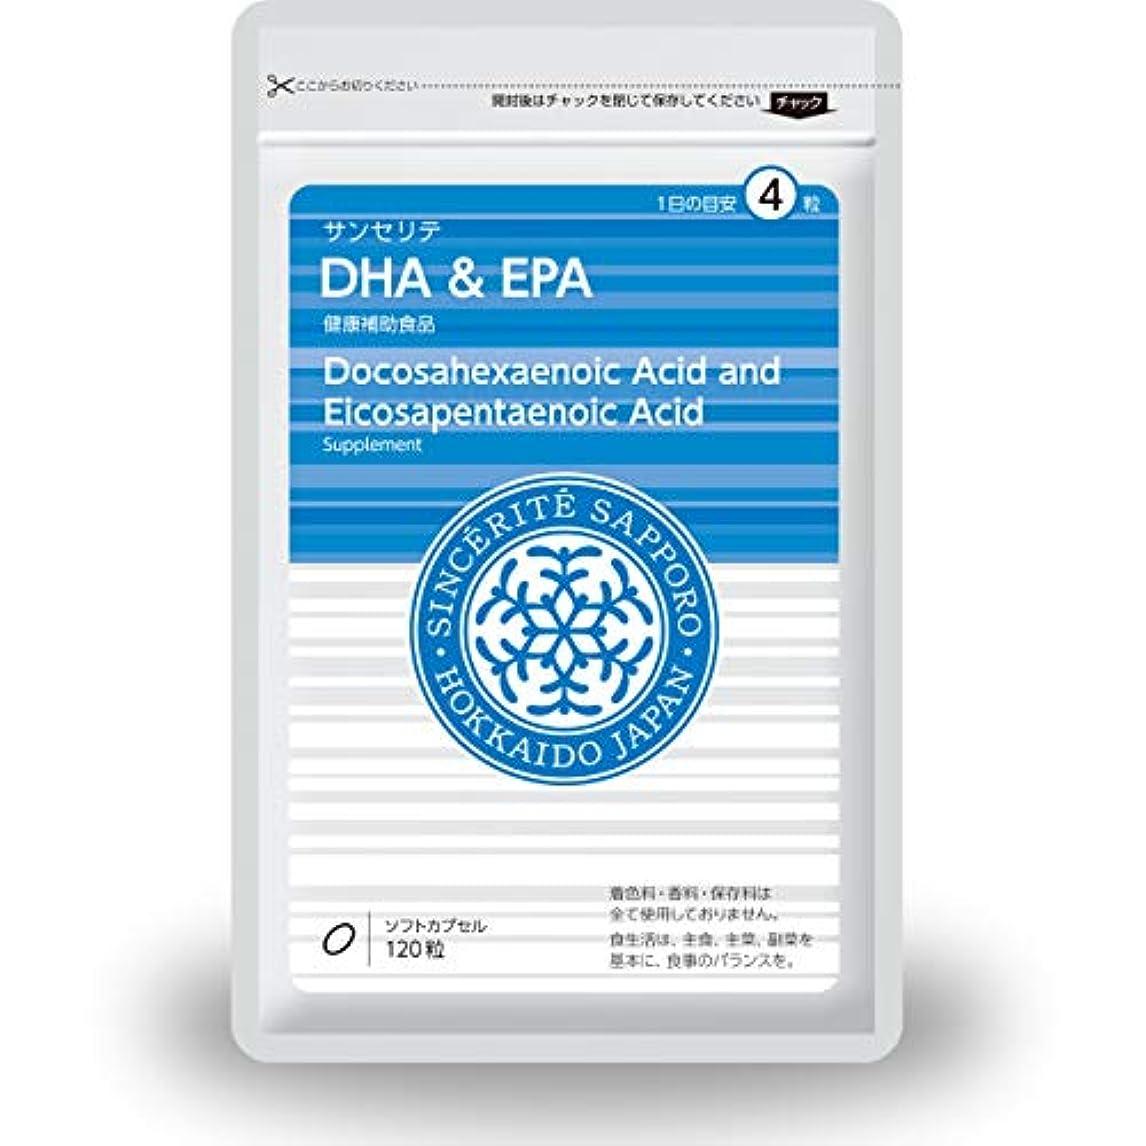 良性固体感謝しているDHA&EPA[送料無料][DHA]433mg配合[国内製造]しっかり30日分